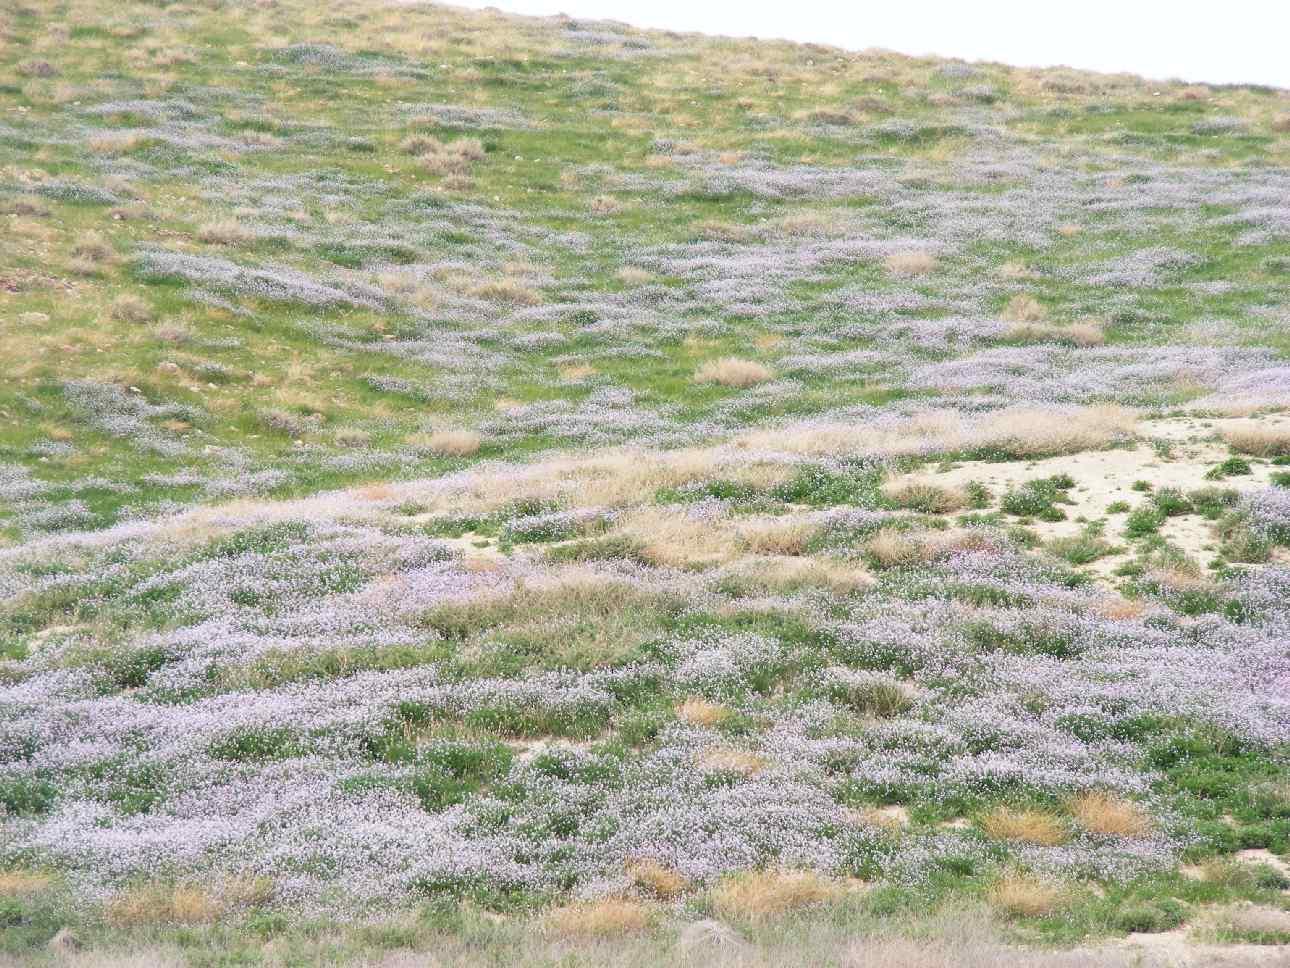 Purple carpets on hillside, Arava desert, 2013